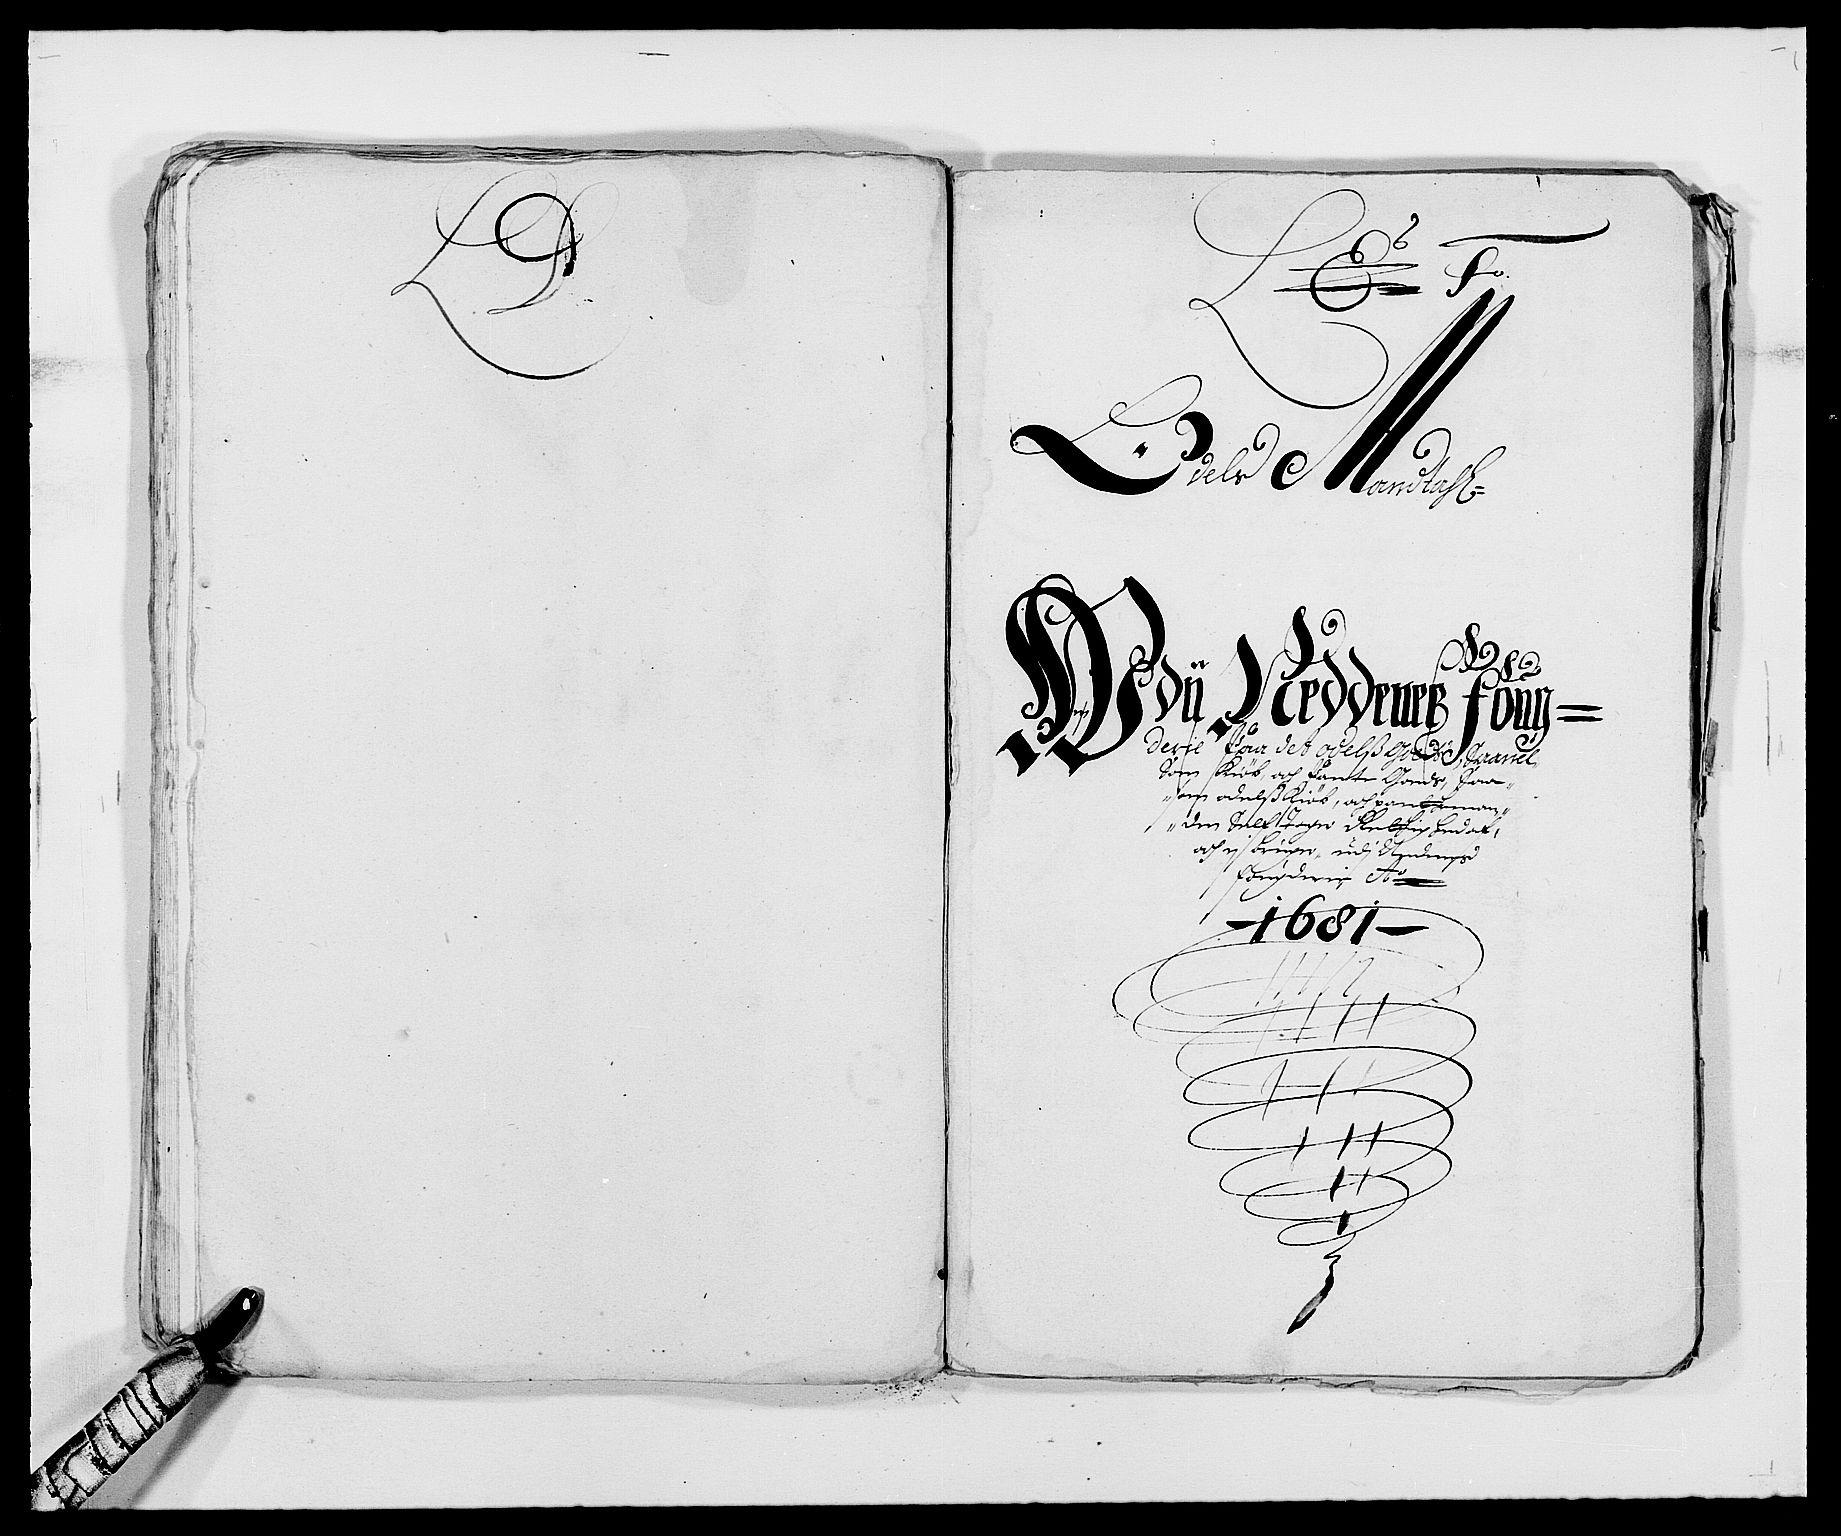 RA, Rentekammeret inntil 1814, Reviderte regnskaper, Fogderegnskap, R39/L2304: Fogderegnskap Nedenes, 1680-1682, s. 239